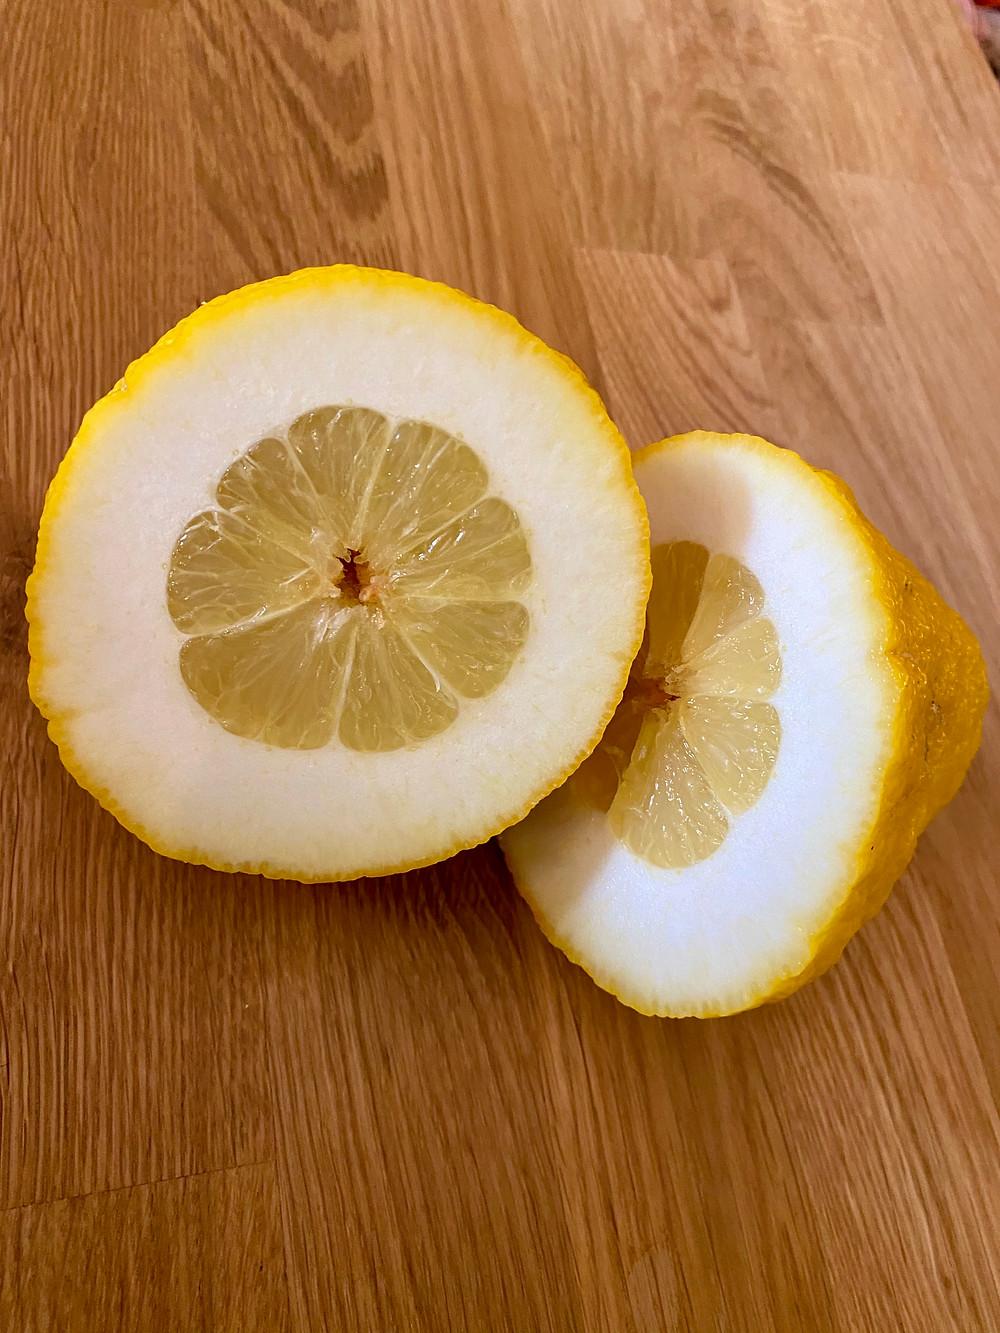 sicily-lemons-thick-rind